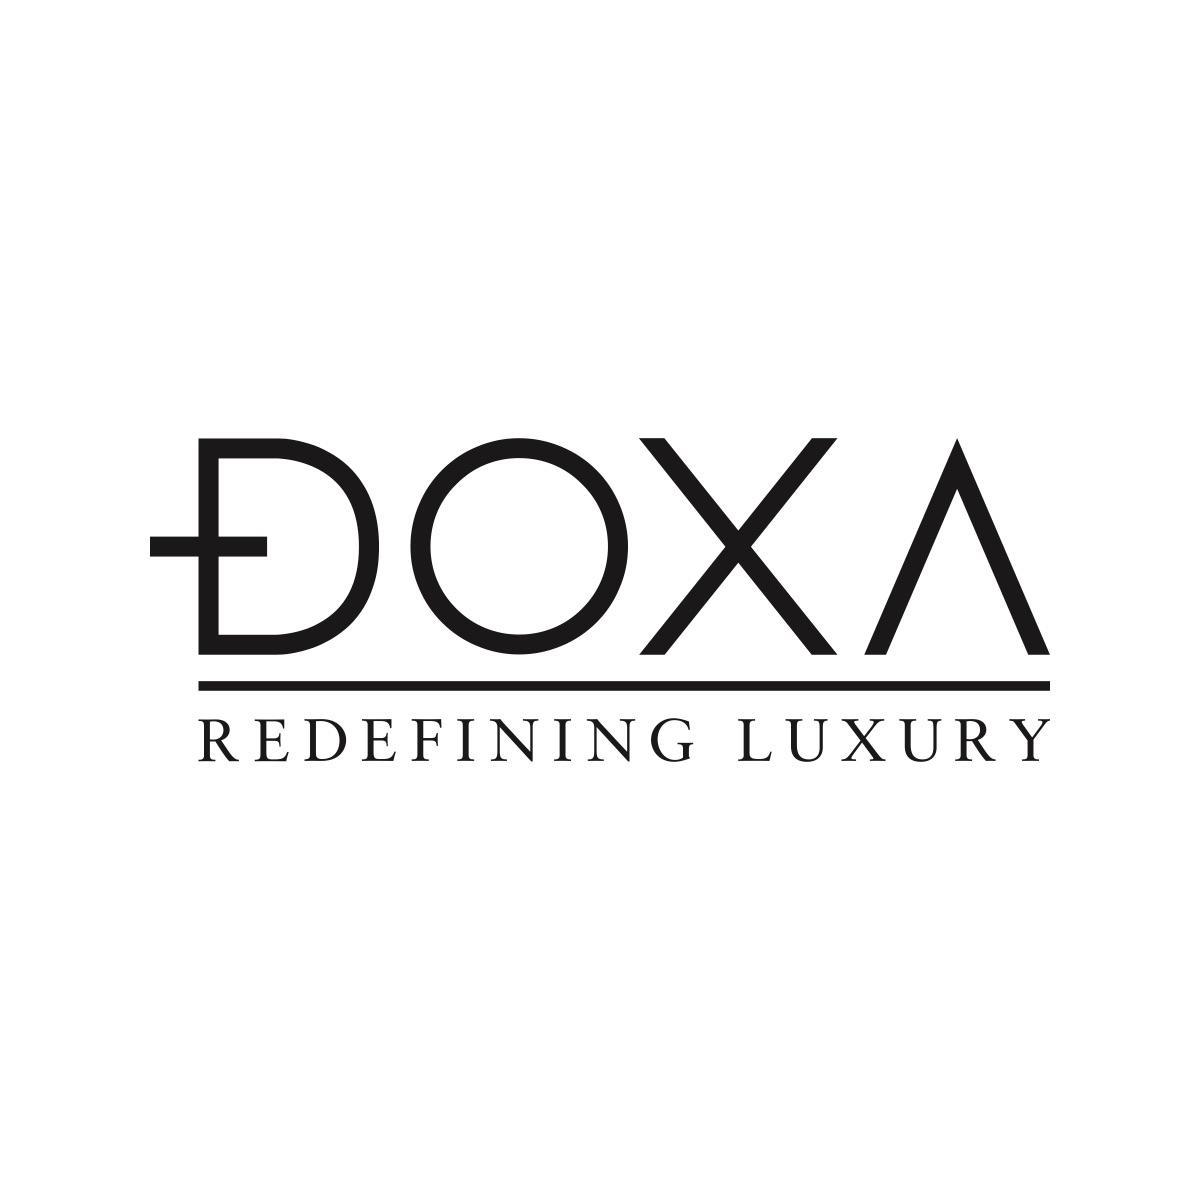 TheBathOutlet.com - Luxury Bathroom Accessories & Fixtures